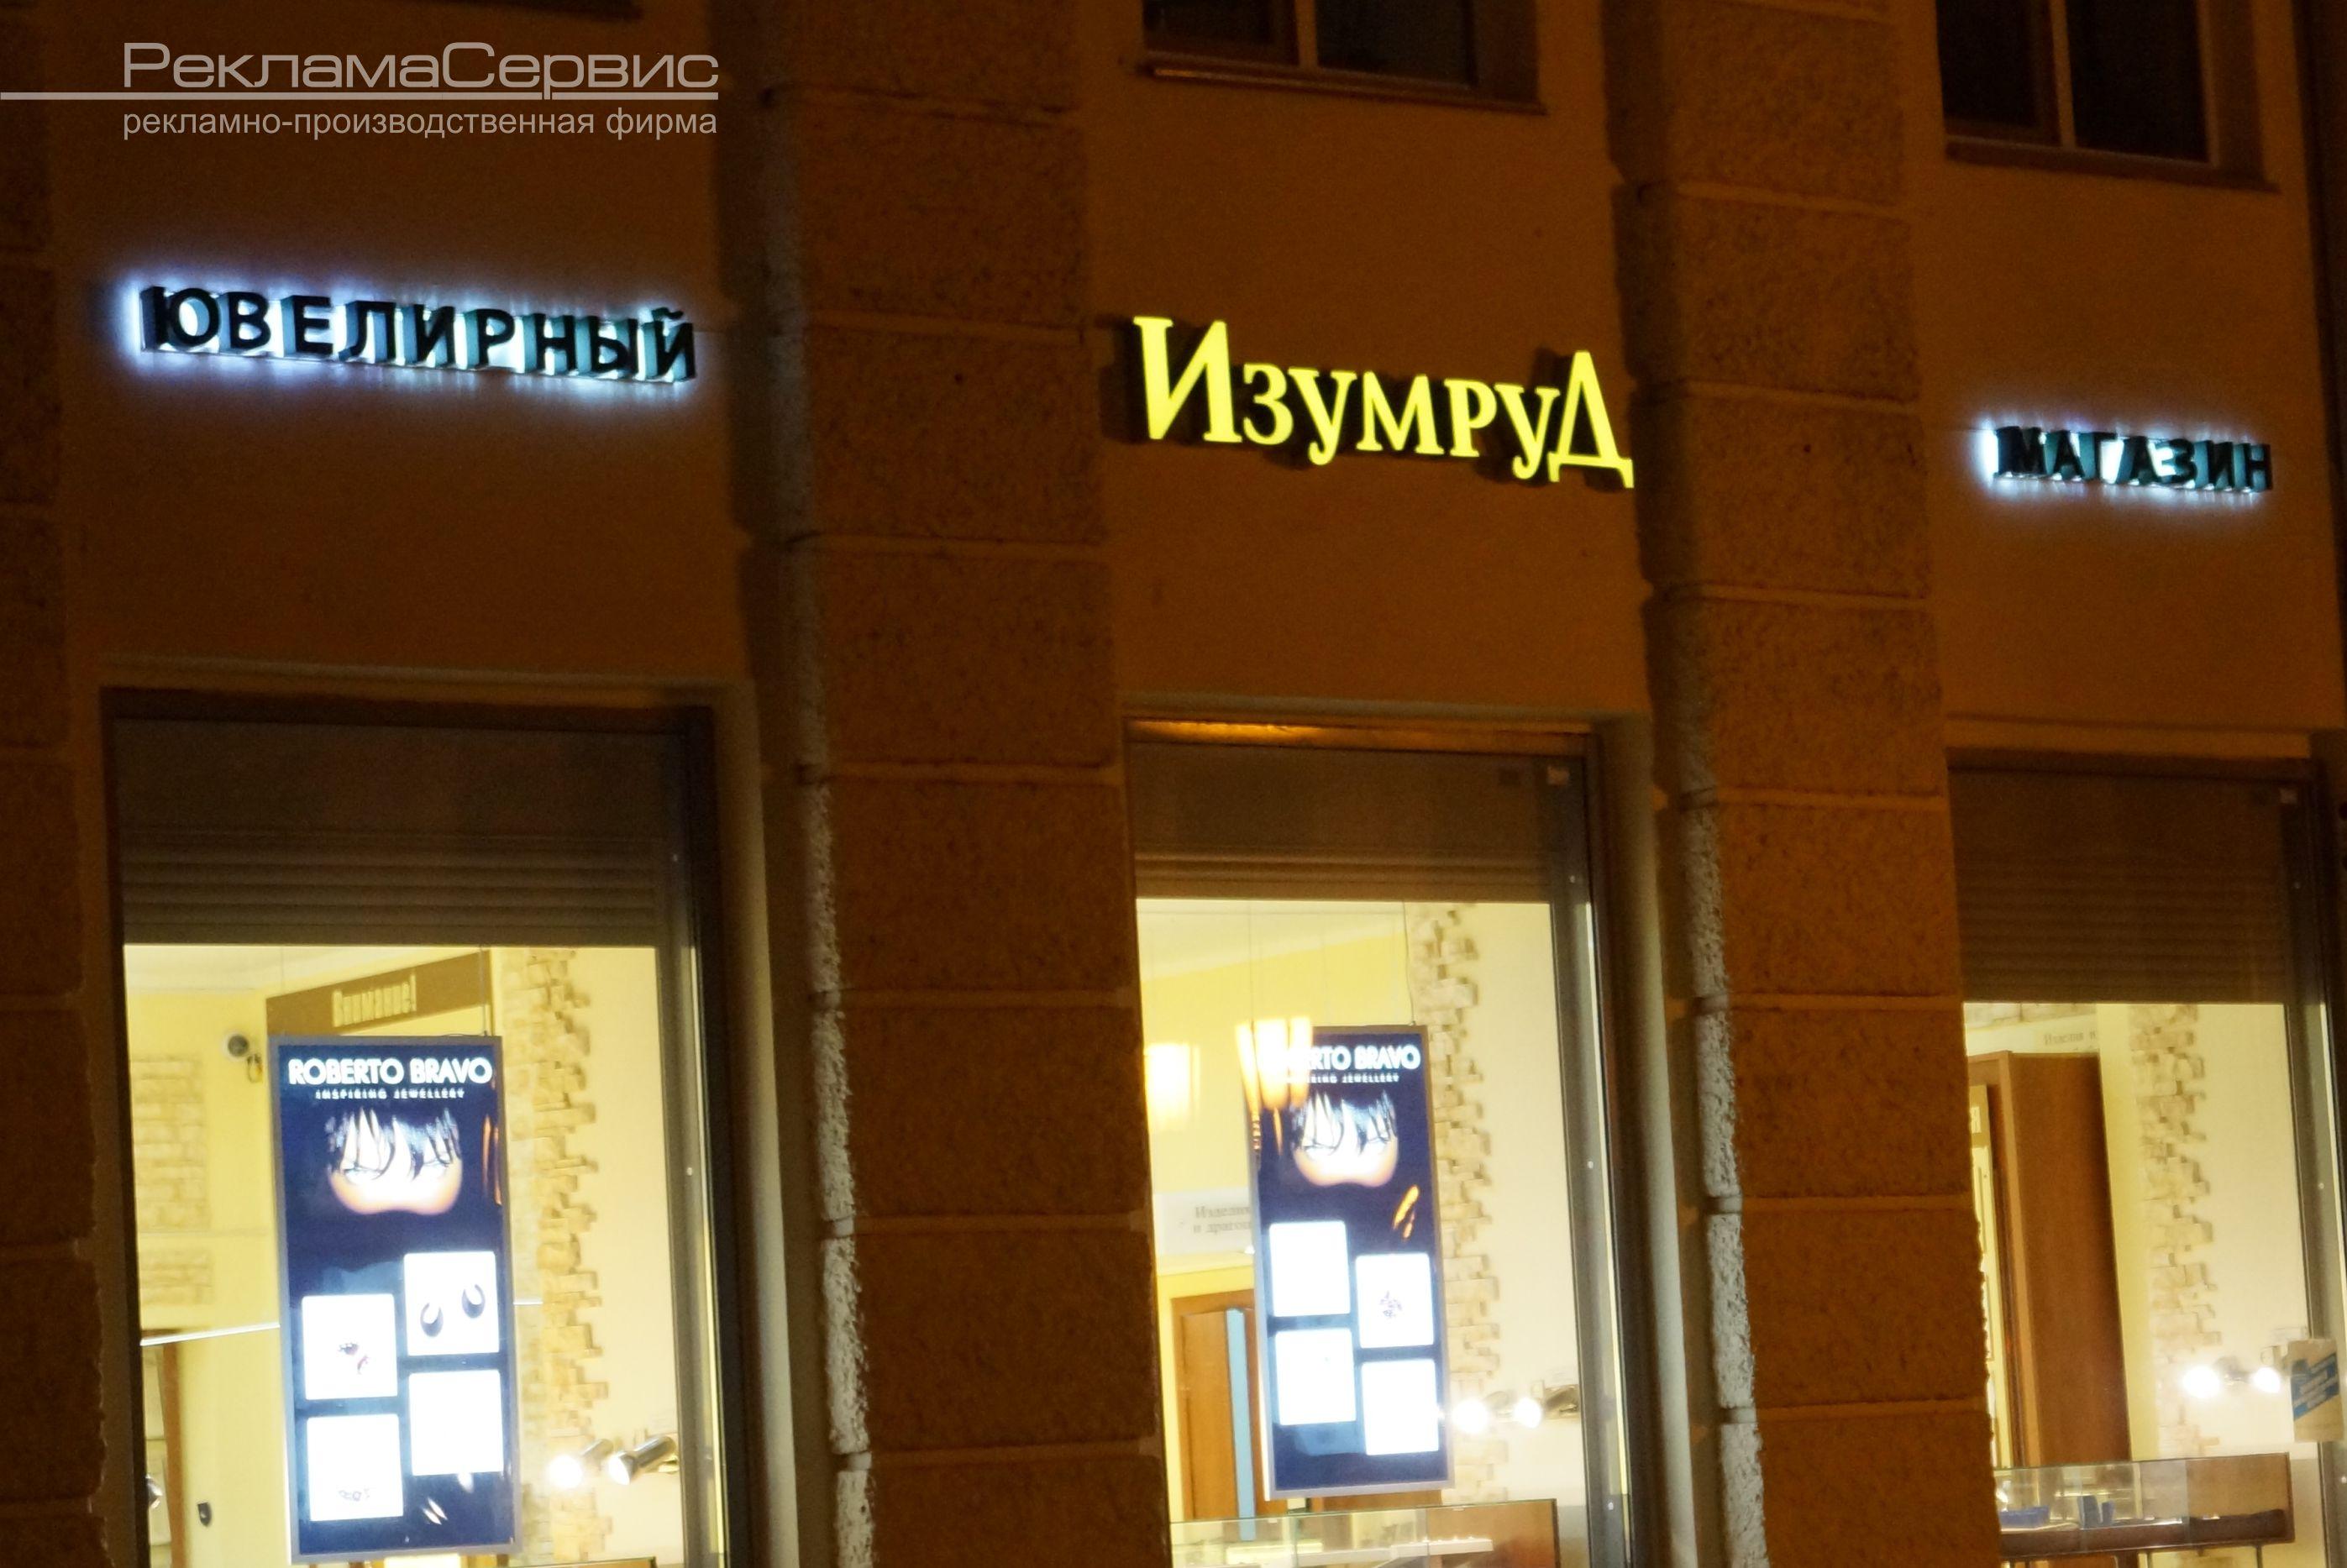 Ювелирный магазин казань 24 фотография